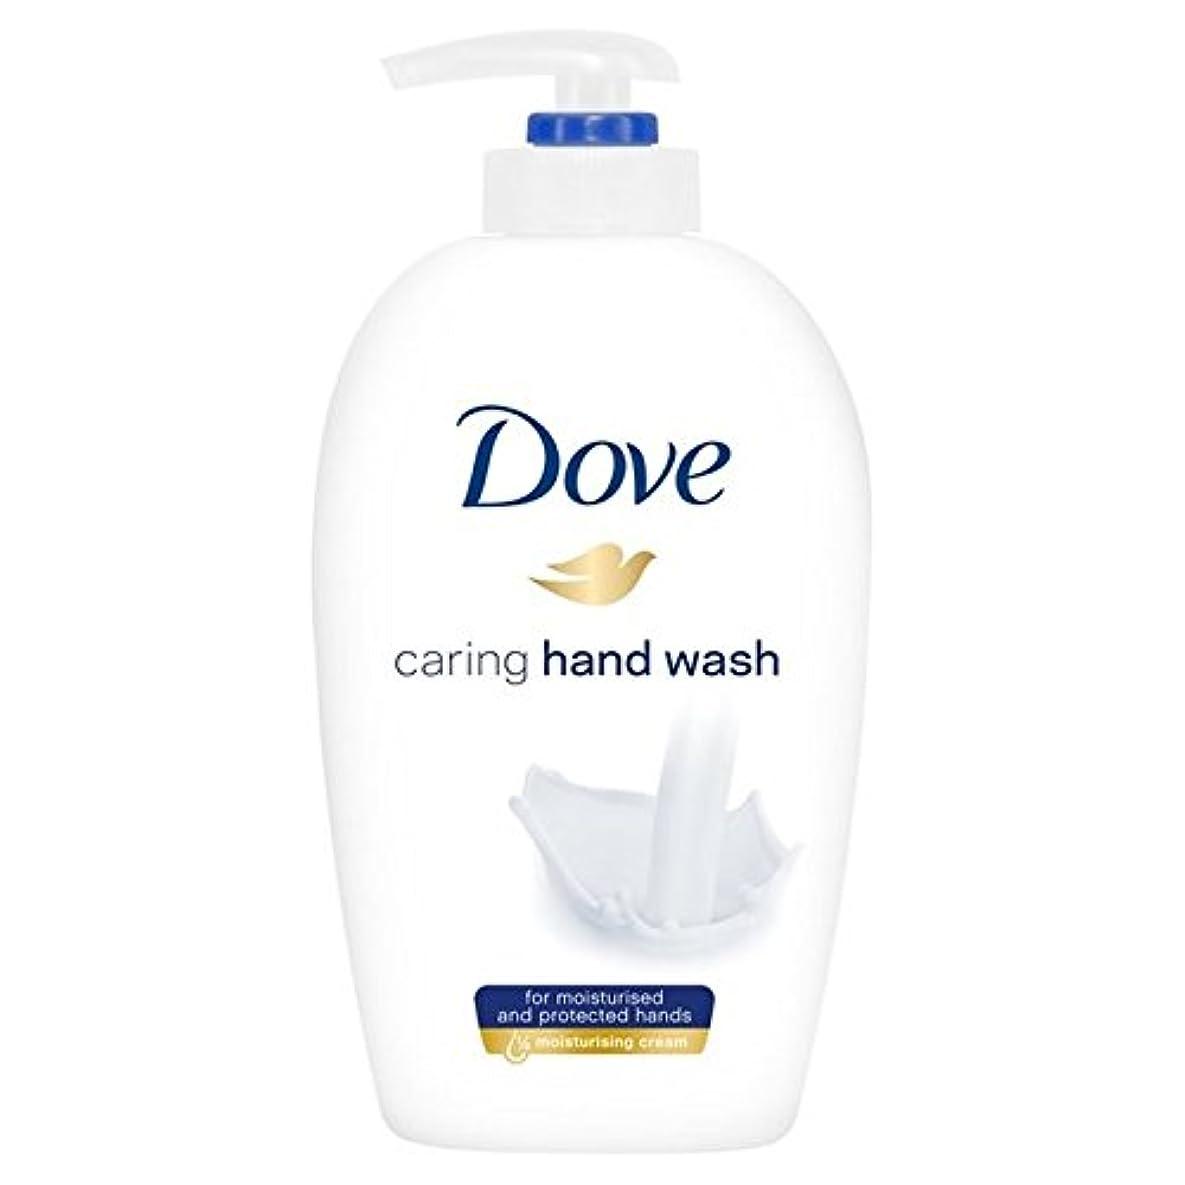 保存するモザイクティーンエイジャー鳩思いやり手洗い250ミリリットル x2 - Dove Caring Hand Wash 250ml (Pack of 2) [並行輸入品]